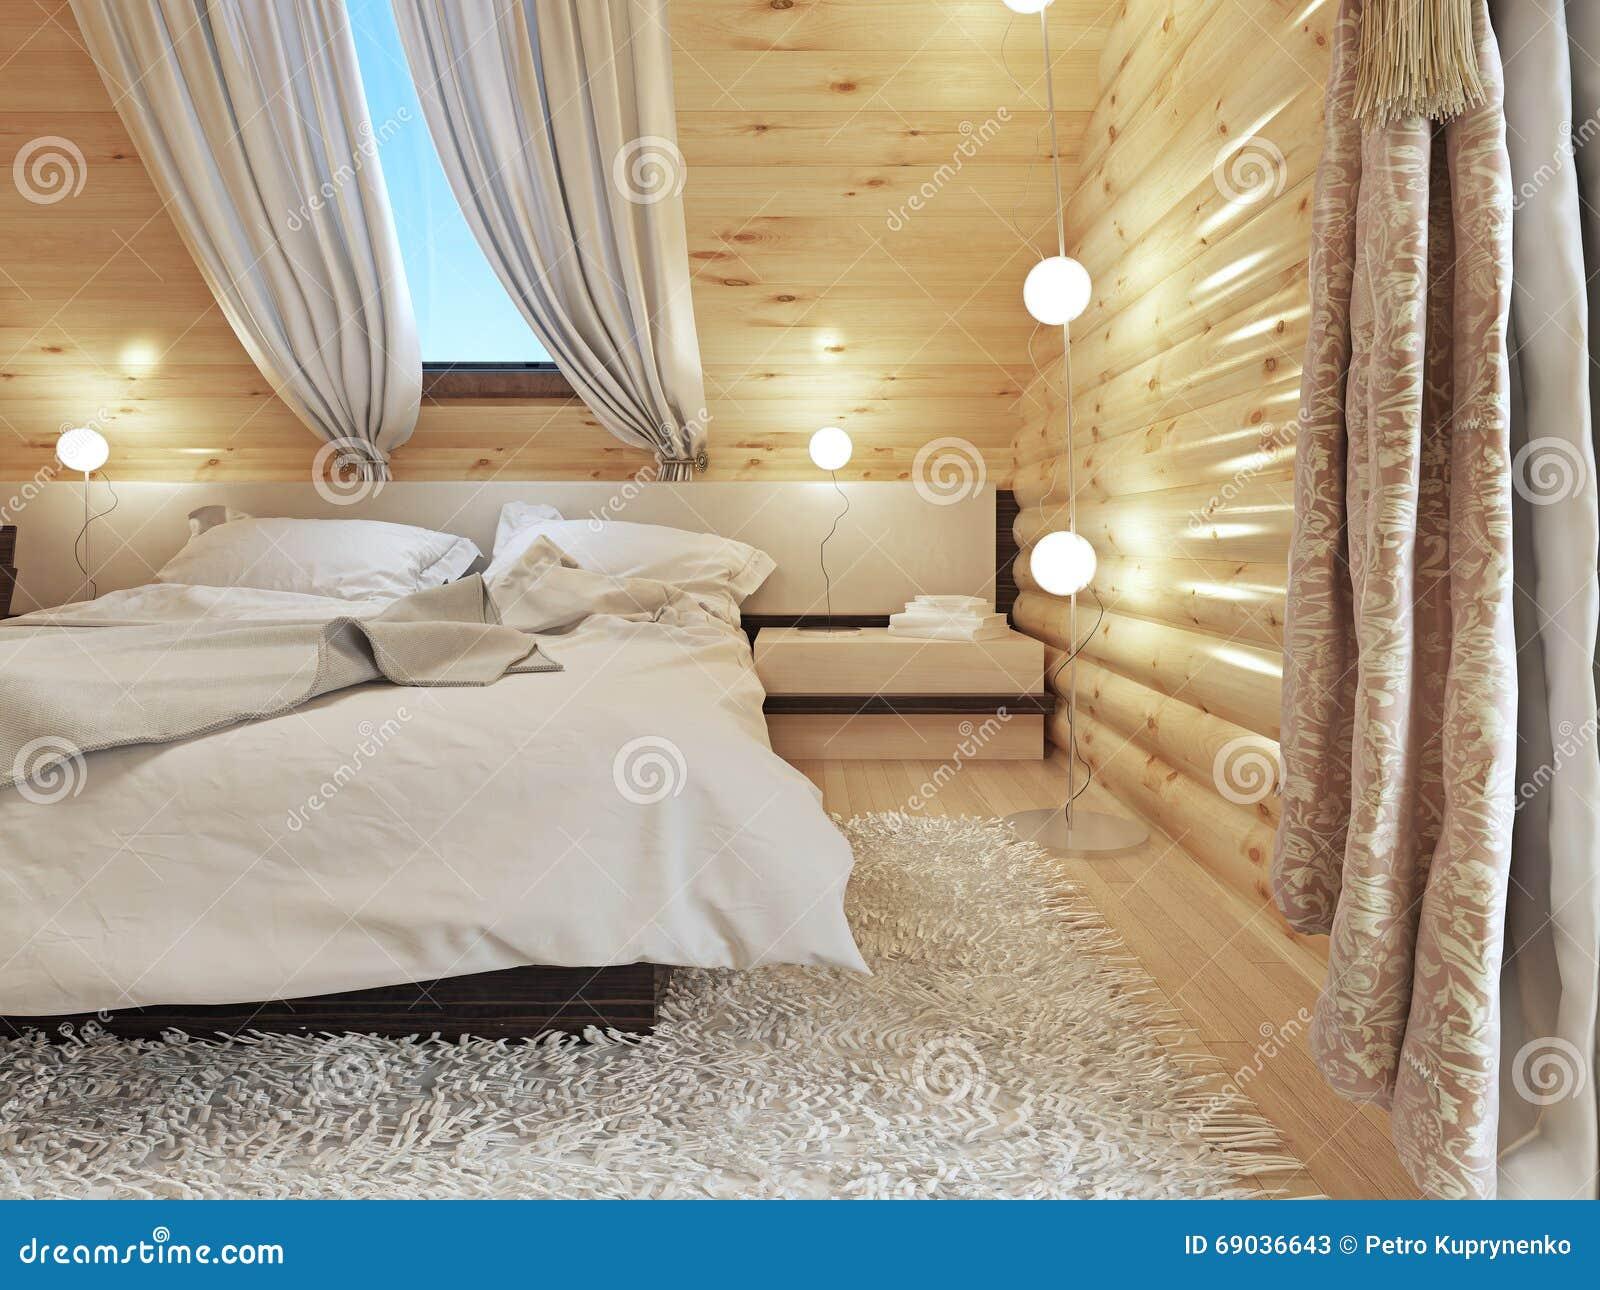 Lampade muro camera da letto lampade da paretela camera da letto